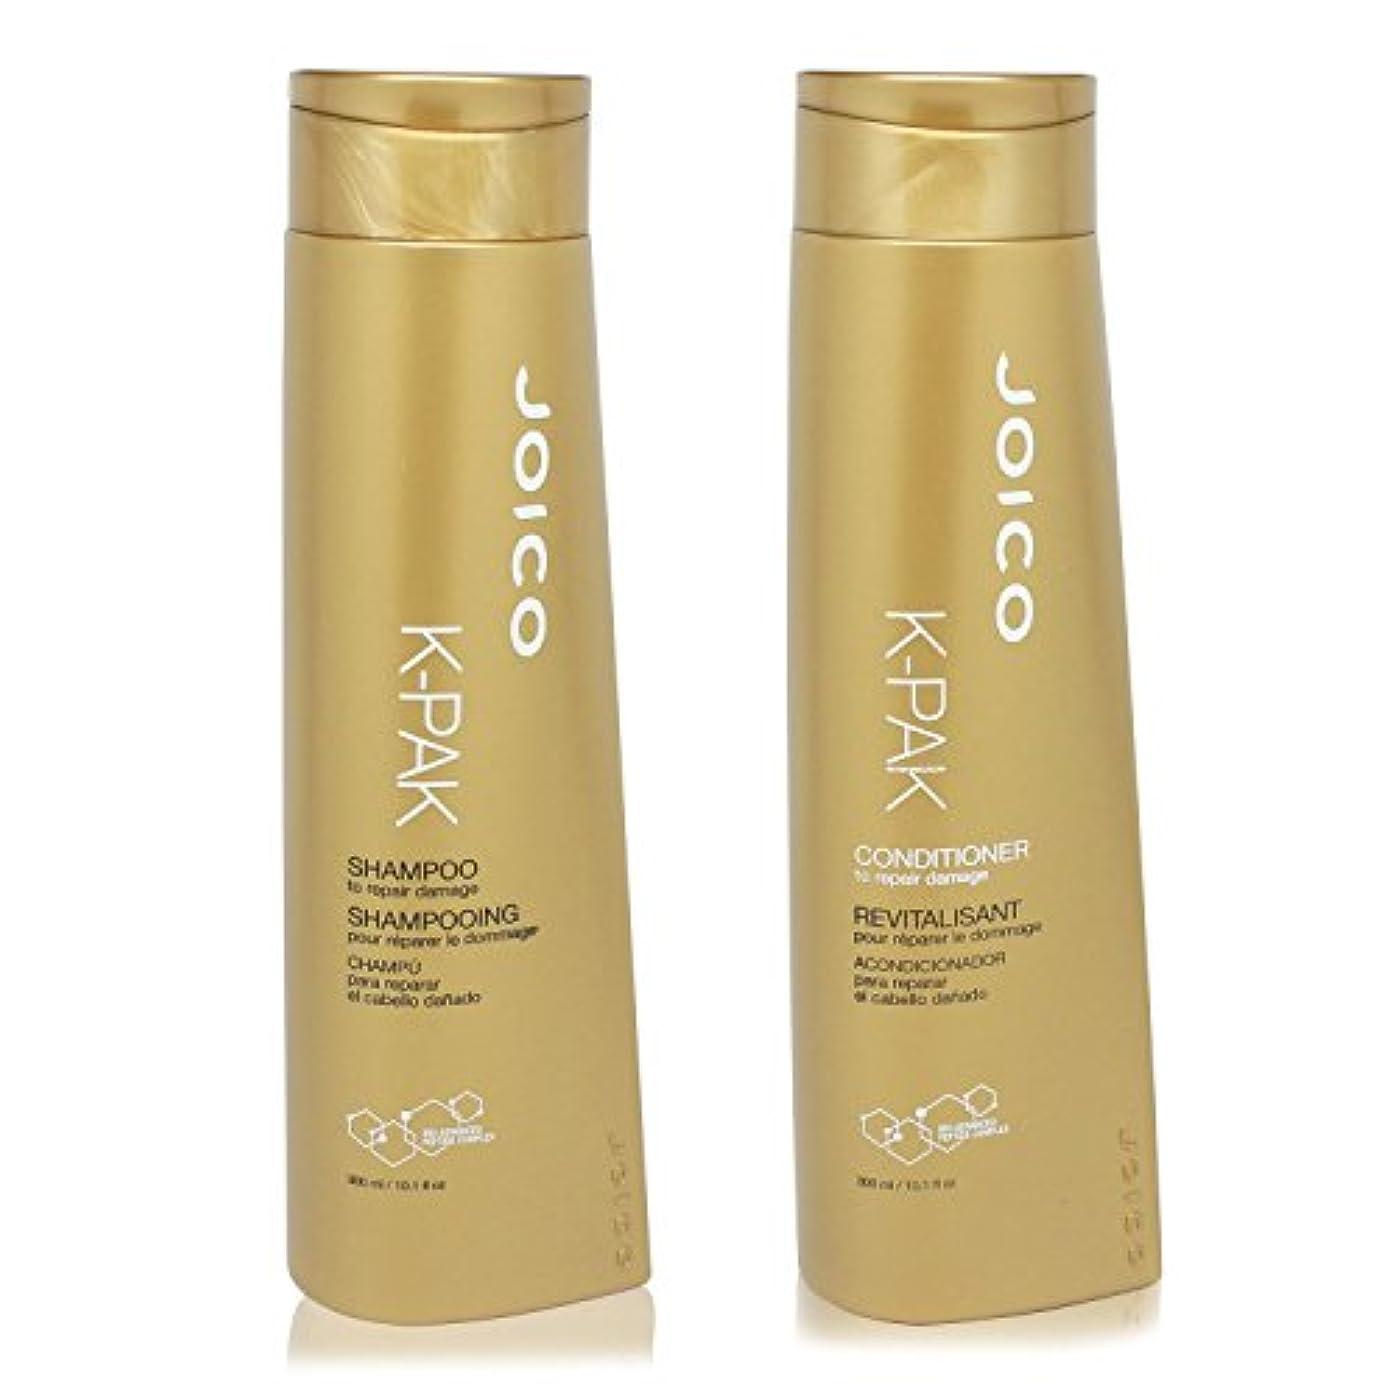 セグメント延期する申請中JOICO K PAK Reconstruct Shampoo and Conditioner 10.1oz Duo Set (To repair damaged hair) by Joico